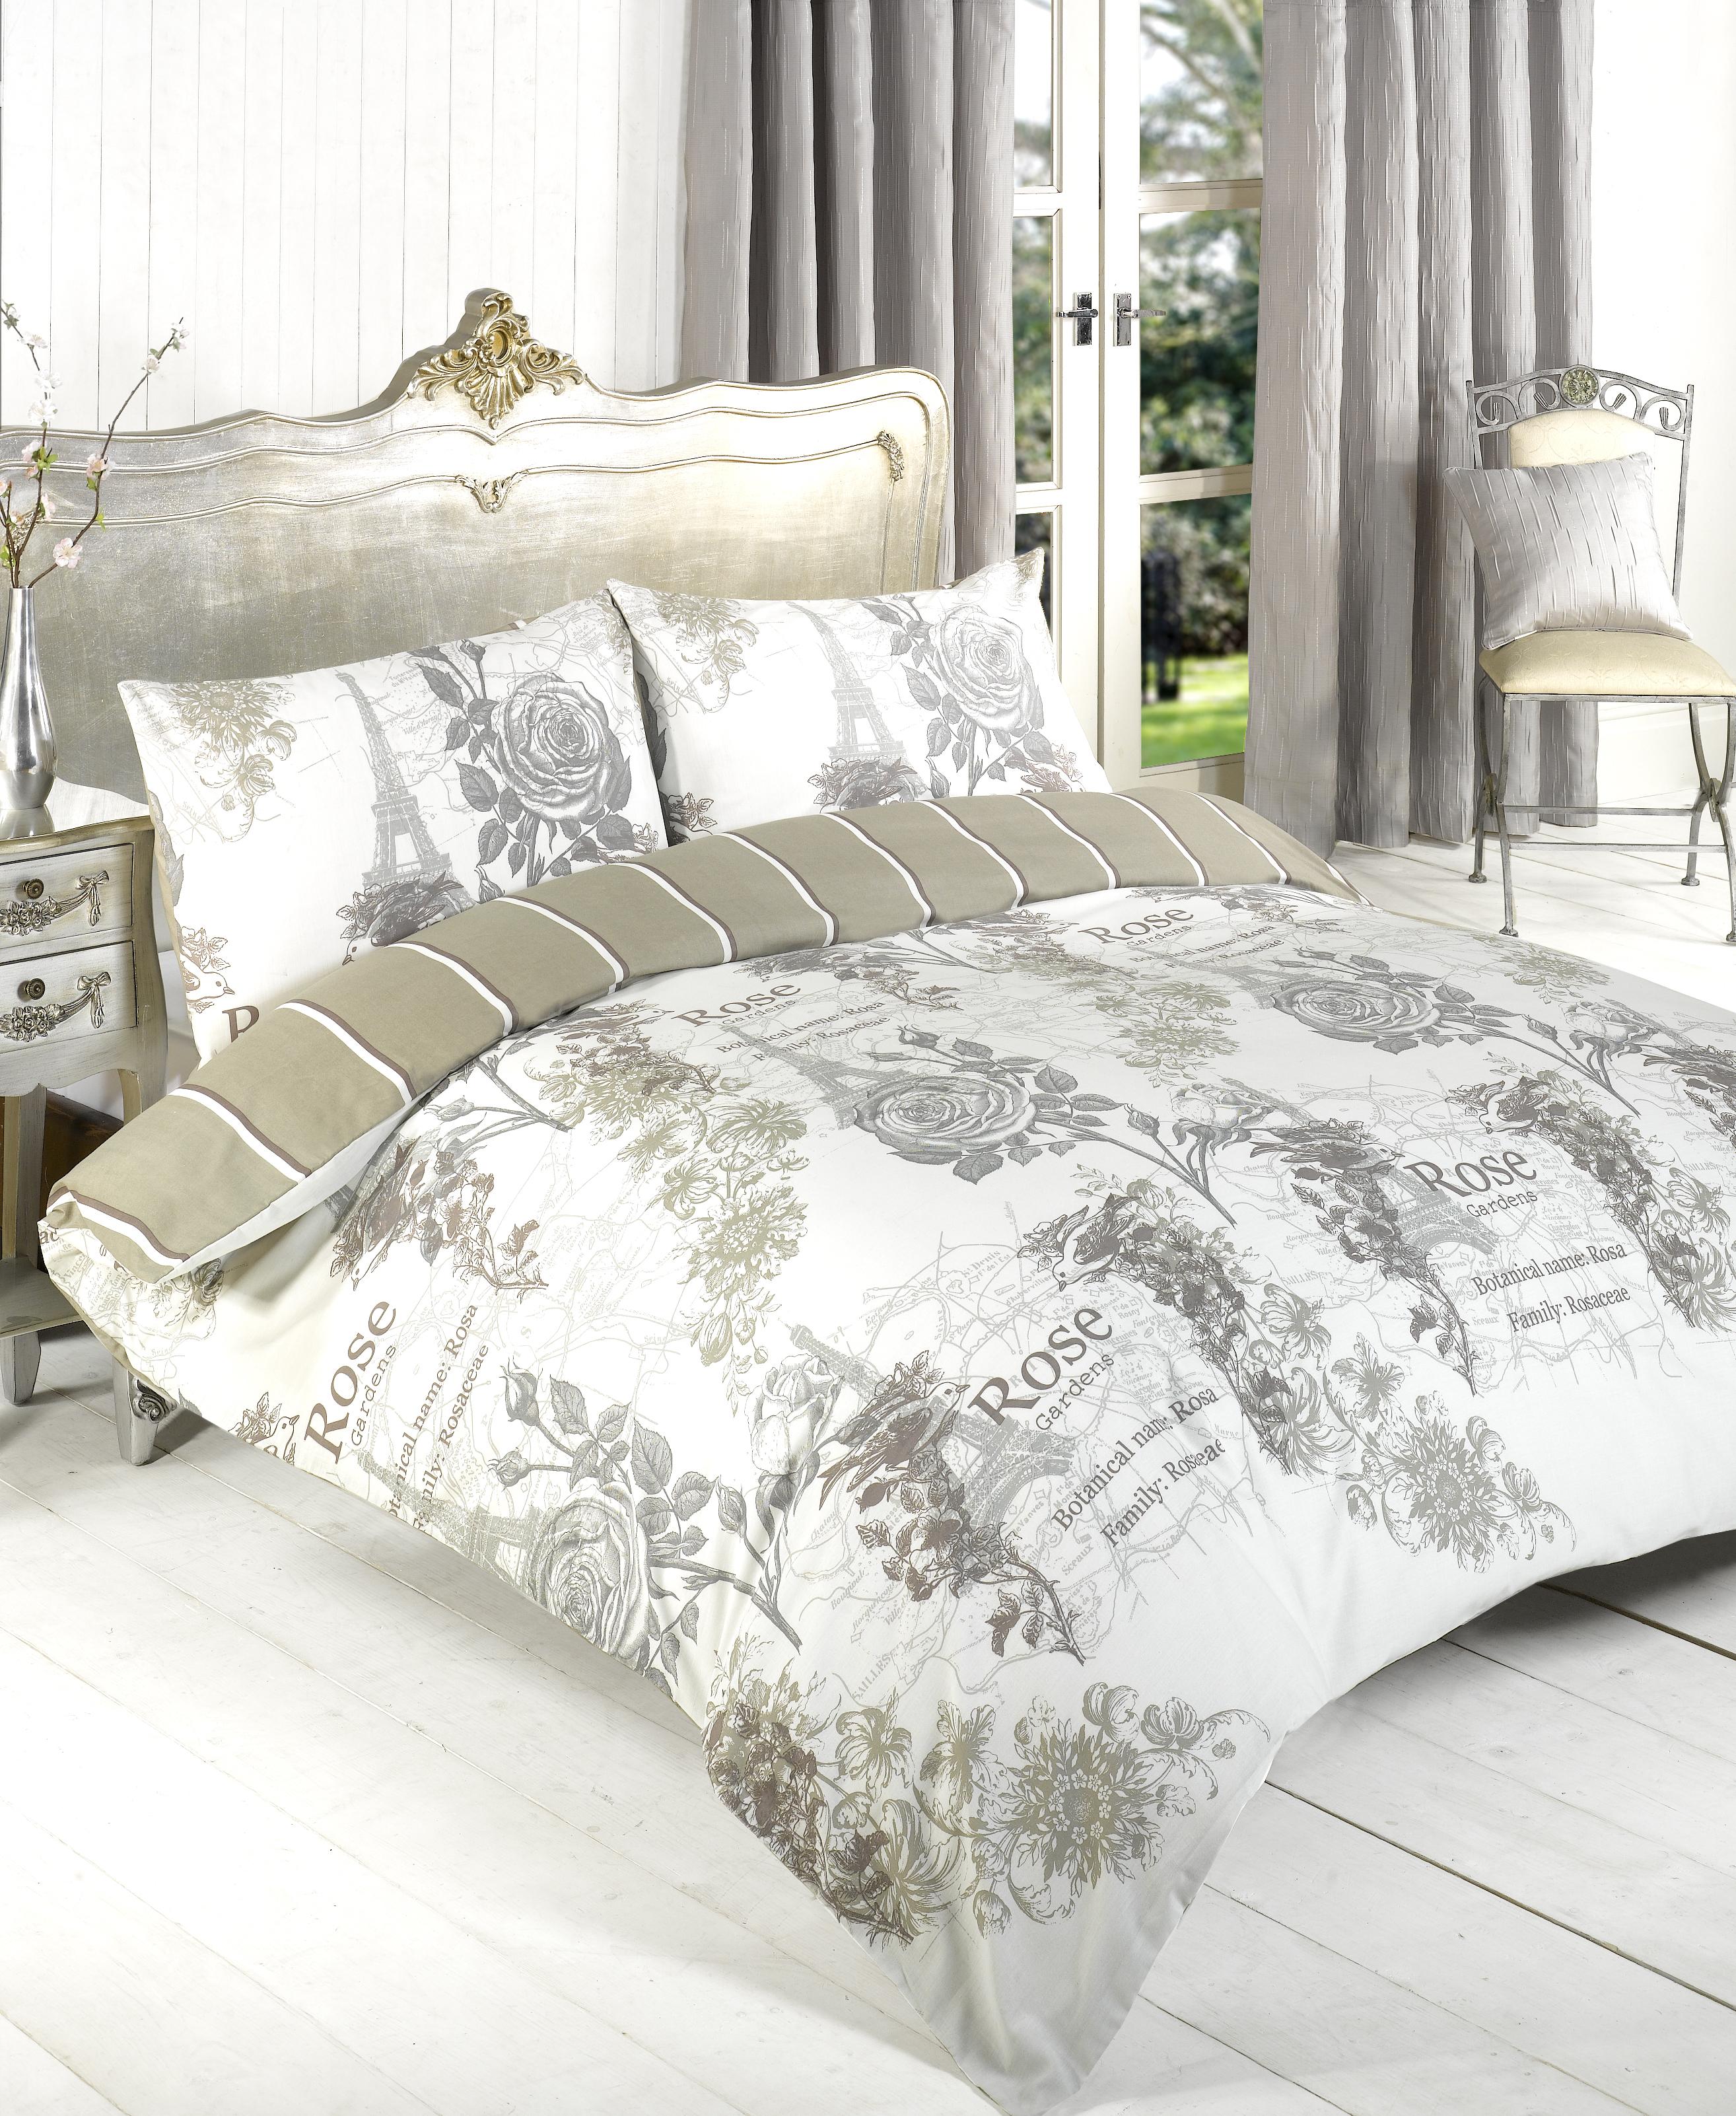 Luxury Paris Duvet Cover Pillow Case Quilt Cover Bedding